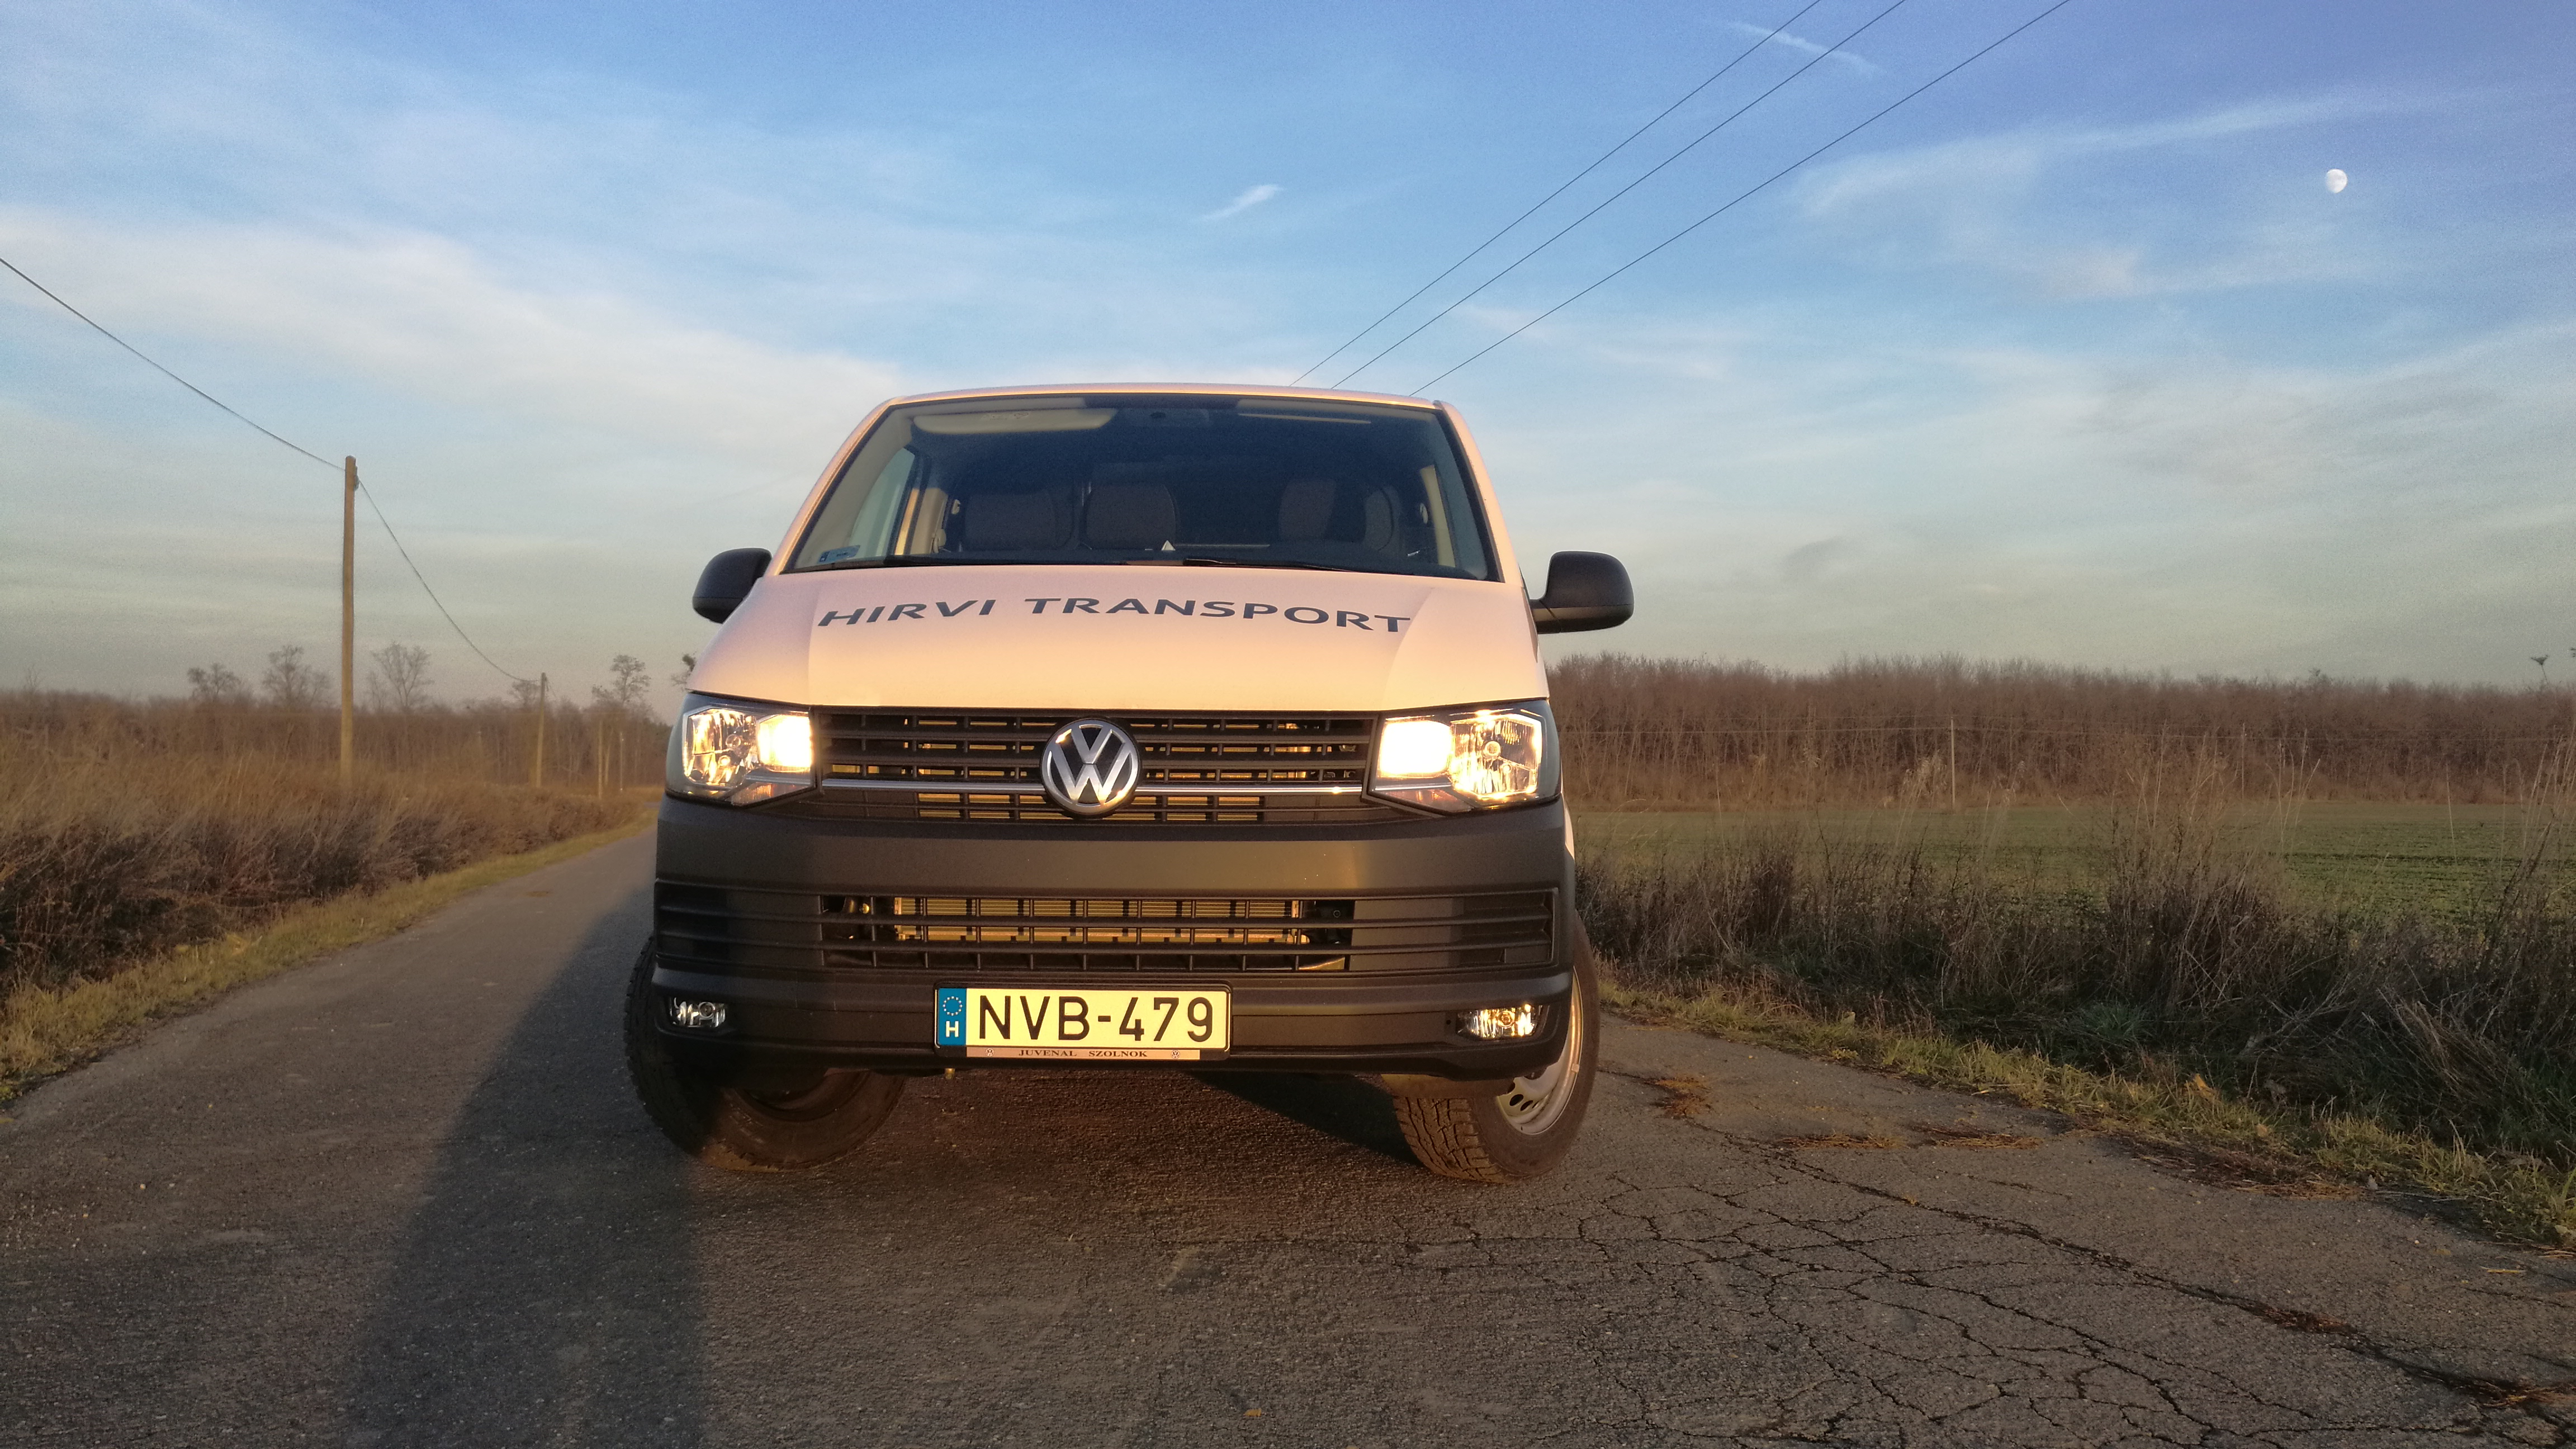 New VW Transporter